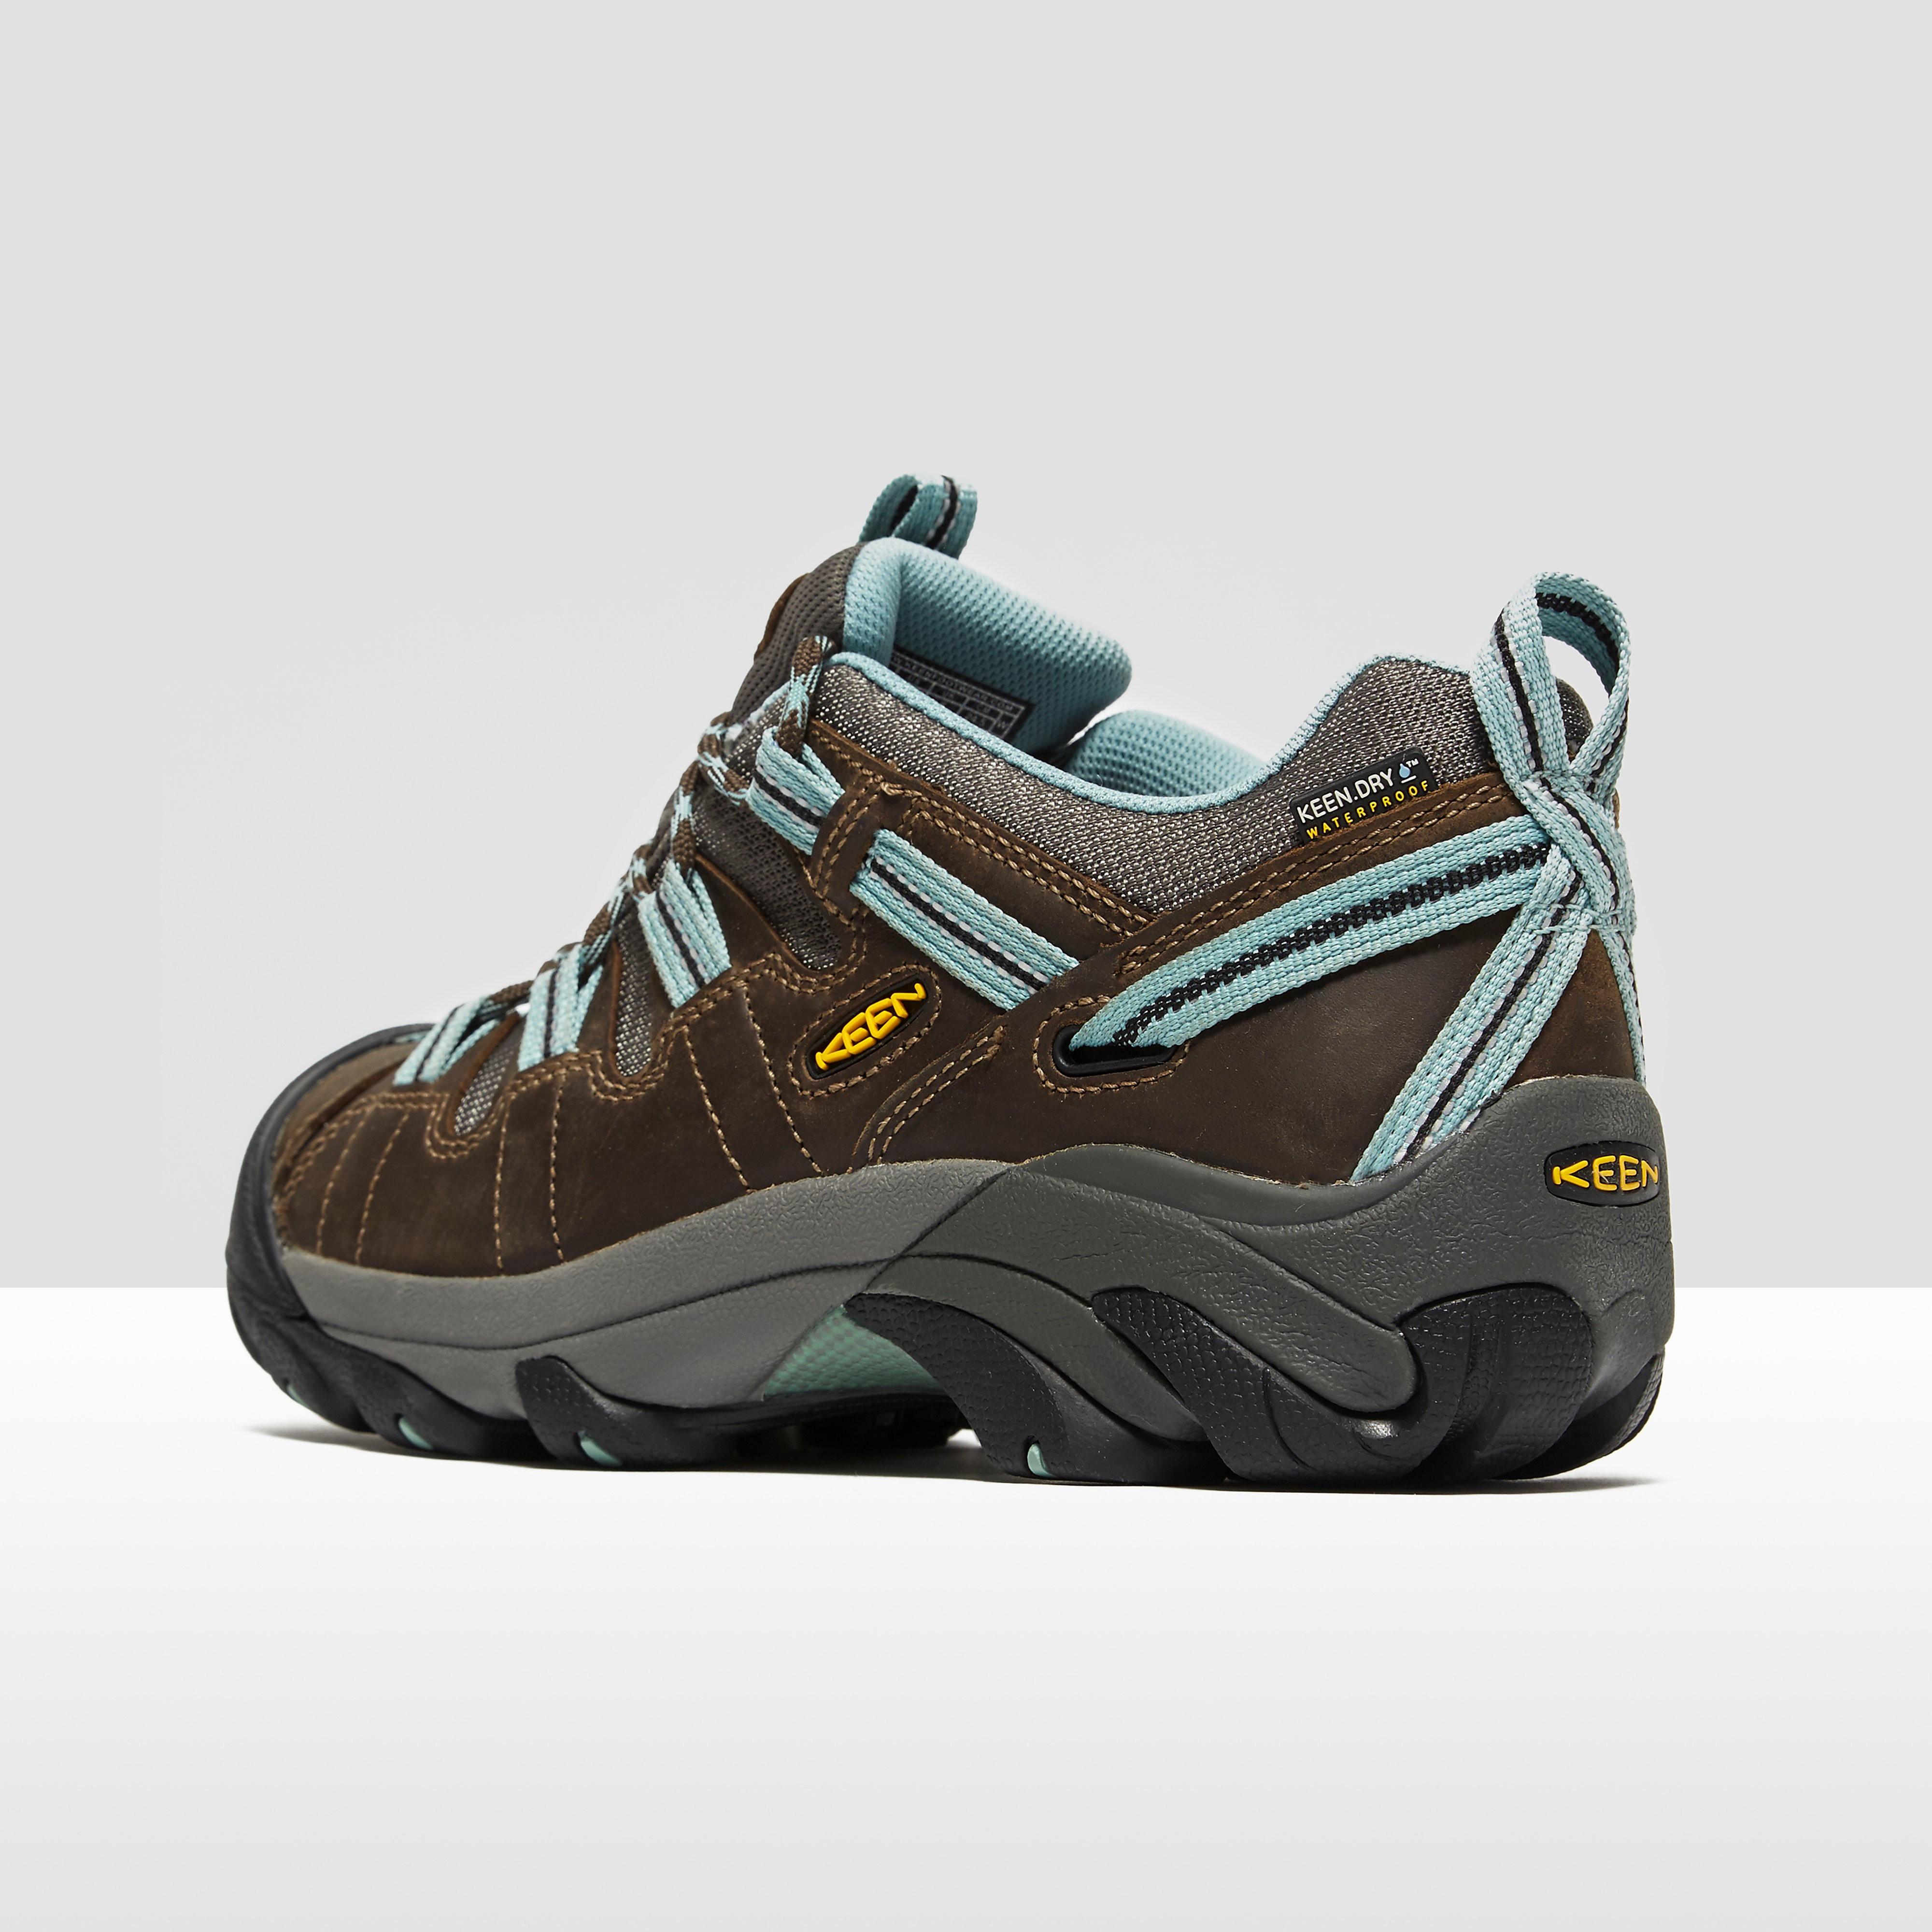 KEEN Women's Targhee II Hiking Shoes